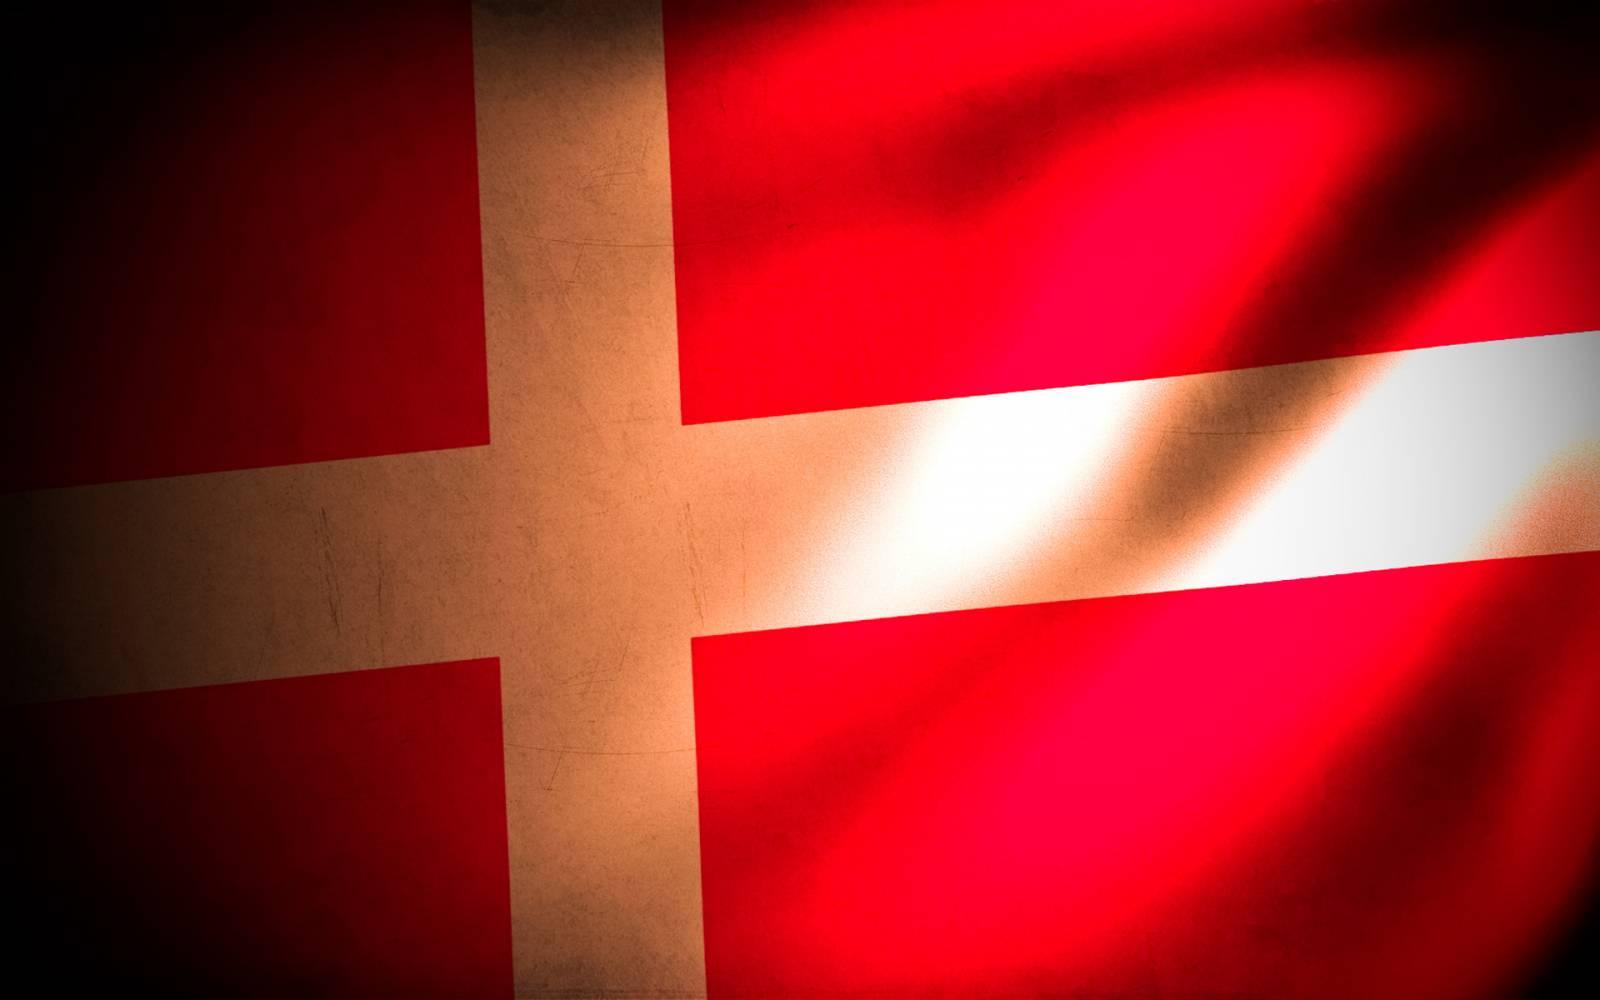 Работа и учёба в Дании: возможности и перспективы